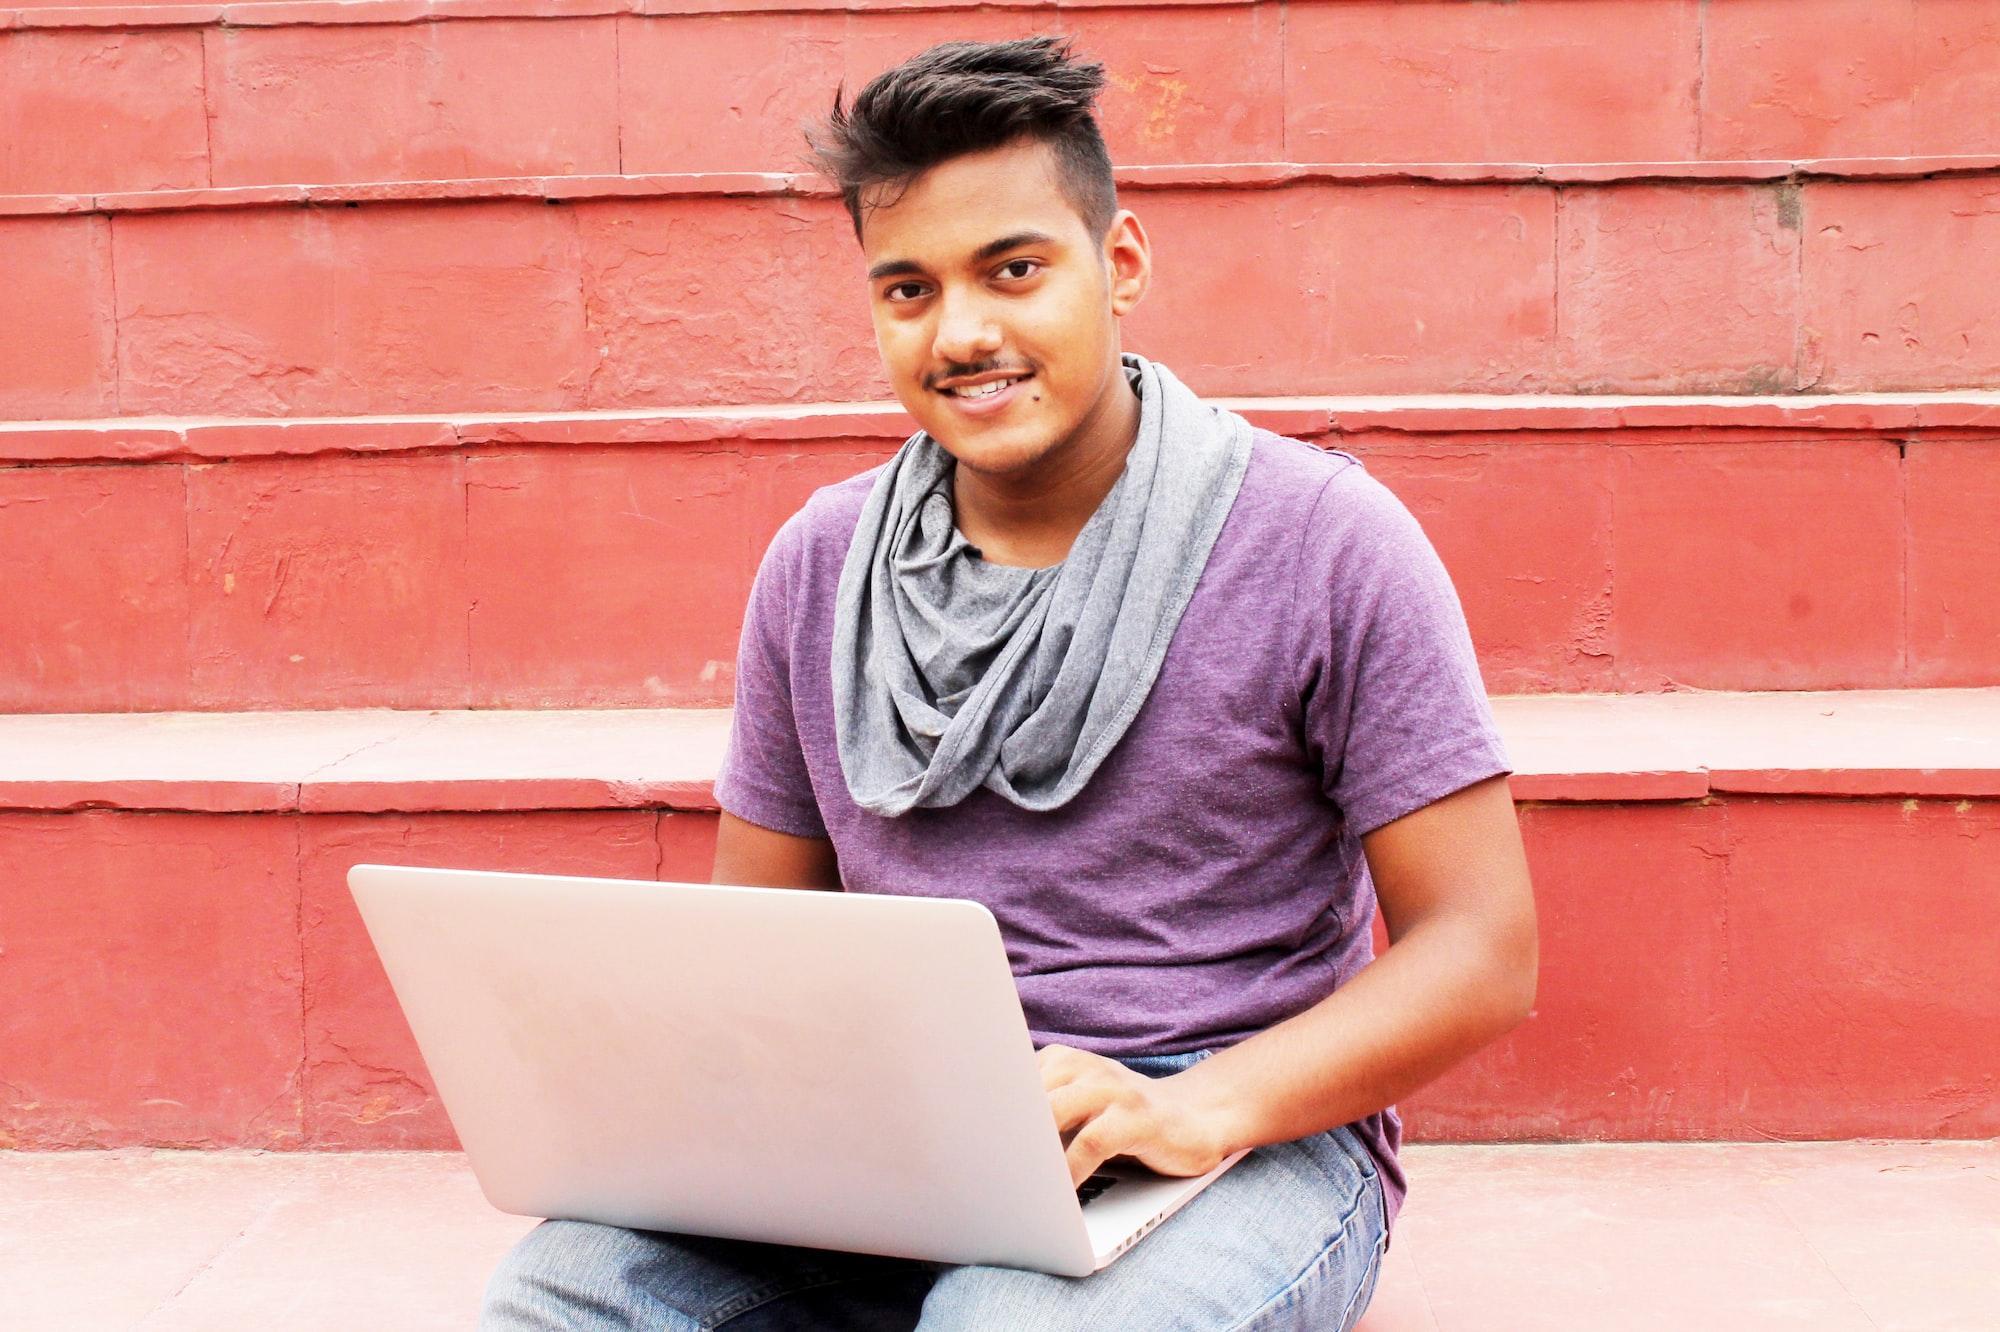 विदेश जाने वाले भारतीय छात्रों में पढ़ाई को लेकर आखिर यह बदलाव क्यों?